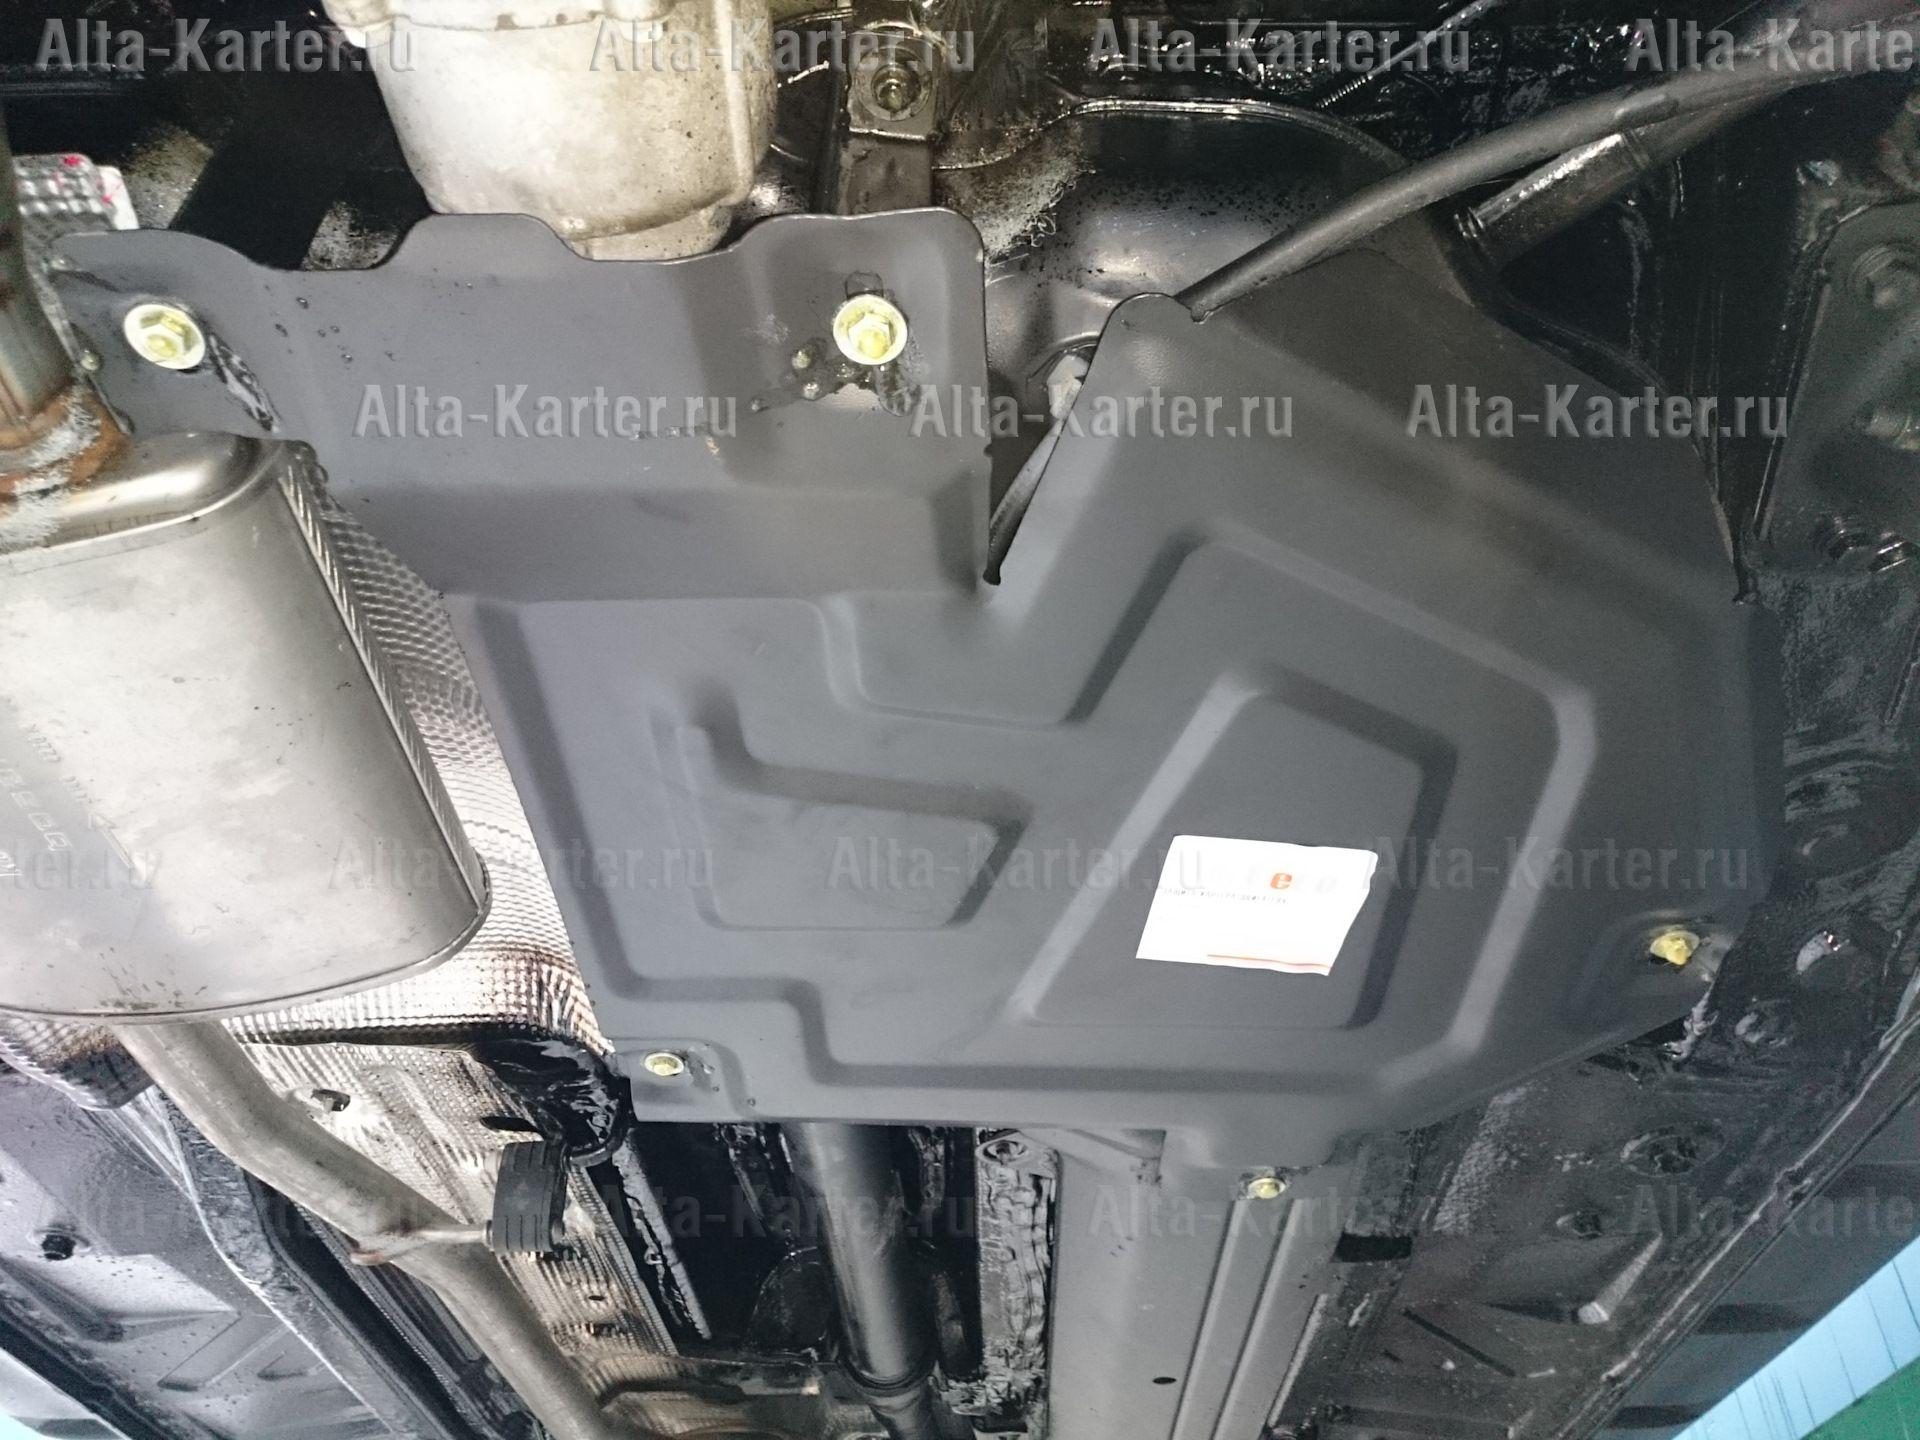 Защита Alfeco для топливного бака Nissan Terrano 4WD 2014-2021. Артикул ALF.18.05 st